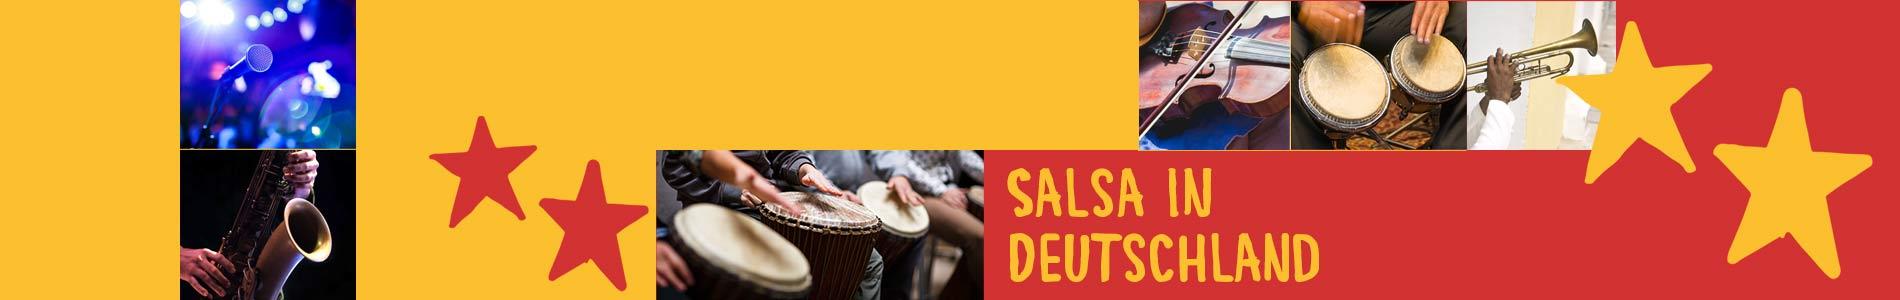 Salsa in Crawinkel – Salsa lernen und tanzen, Tanzkurse, Partys, Veranstaltungen